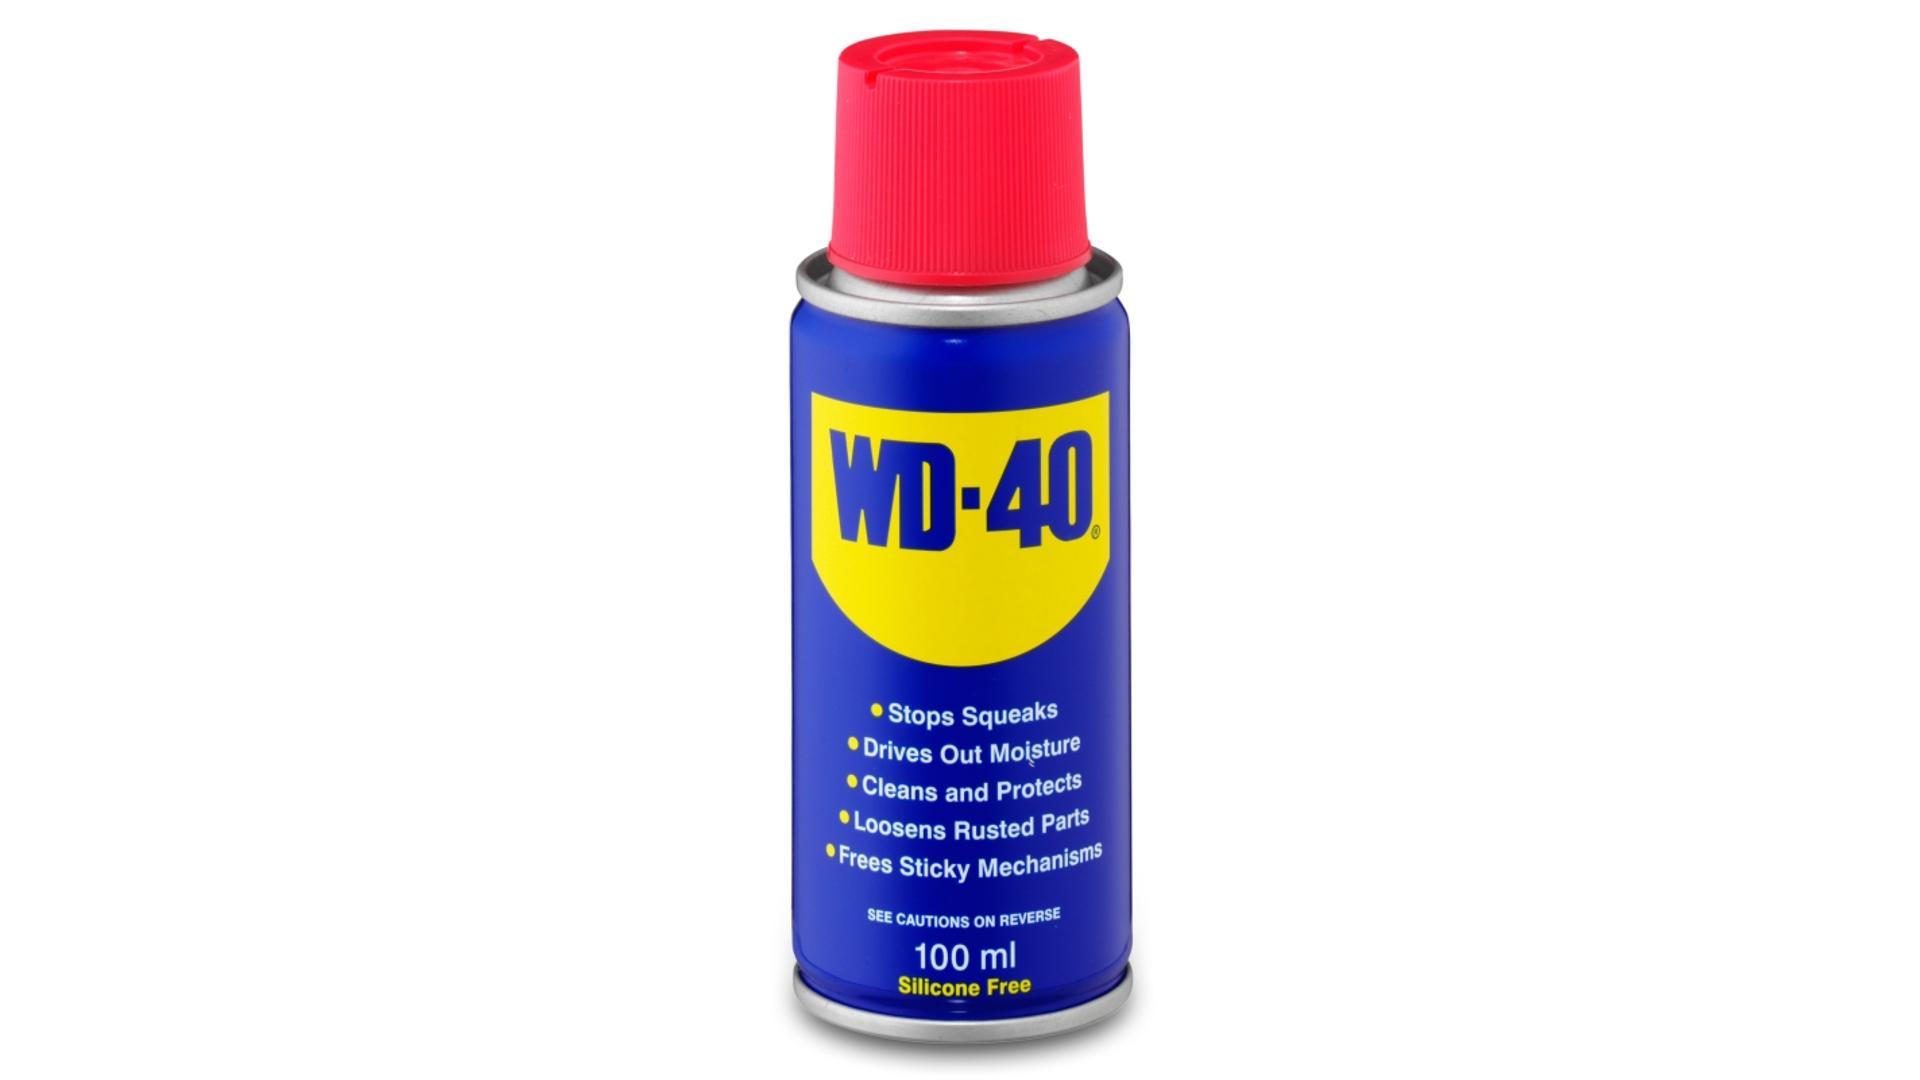 WD-40 Univerzální mazací sprej 100ml